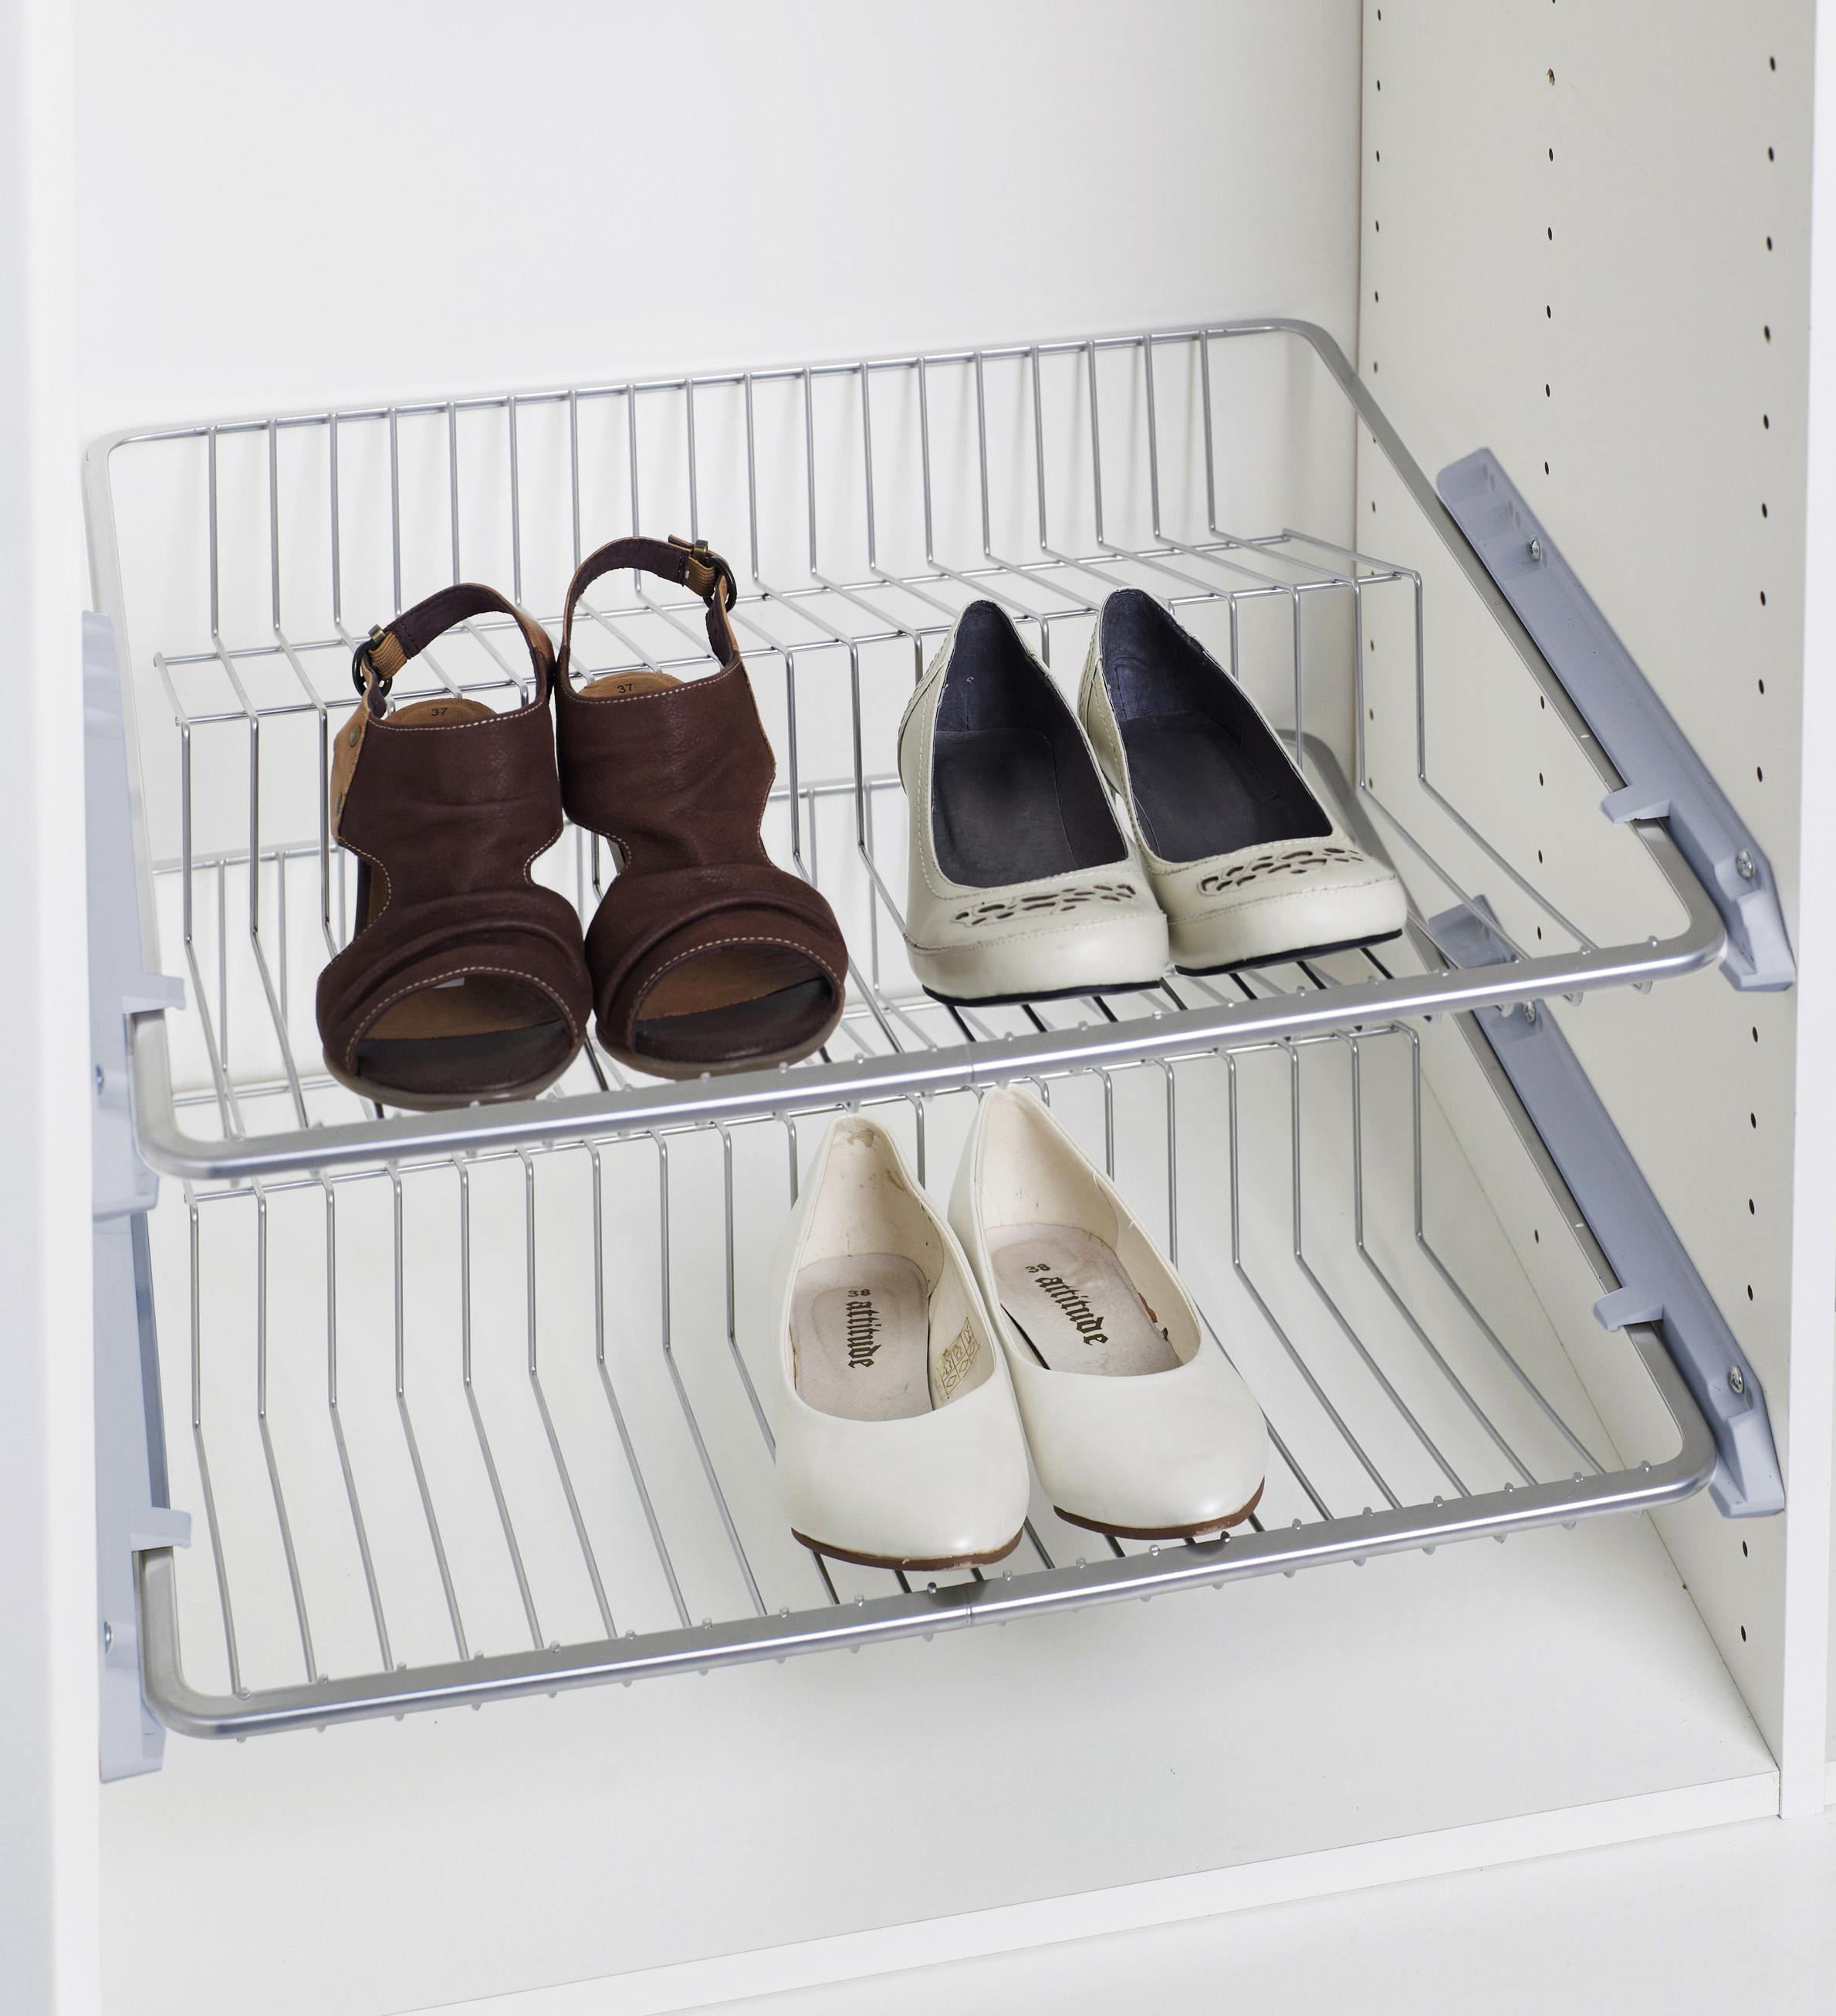 Фото сетки под обувь в шкафу прихожей